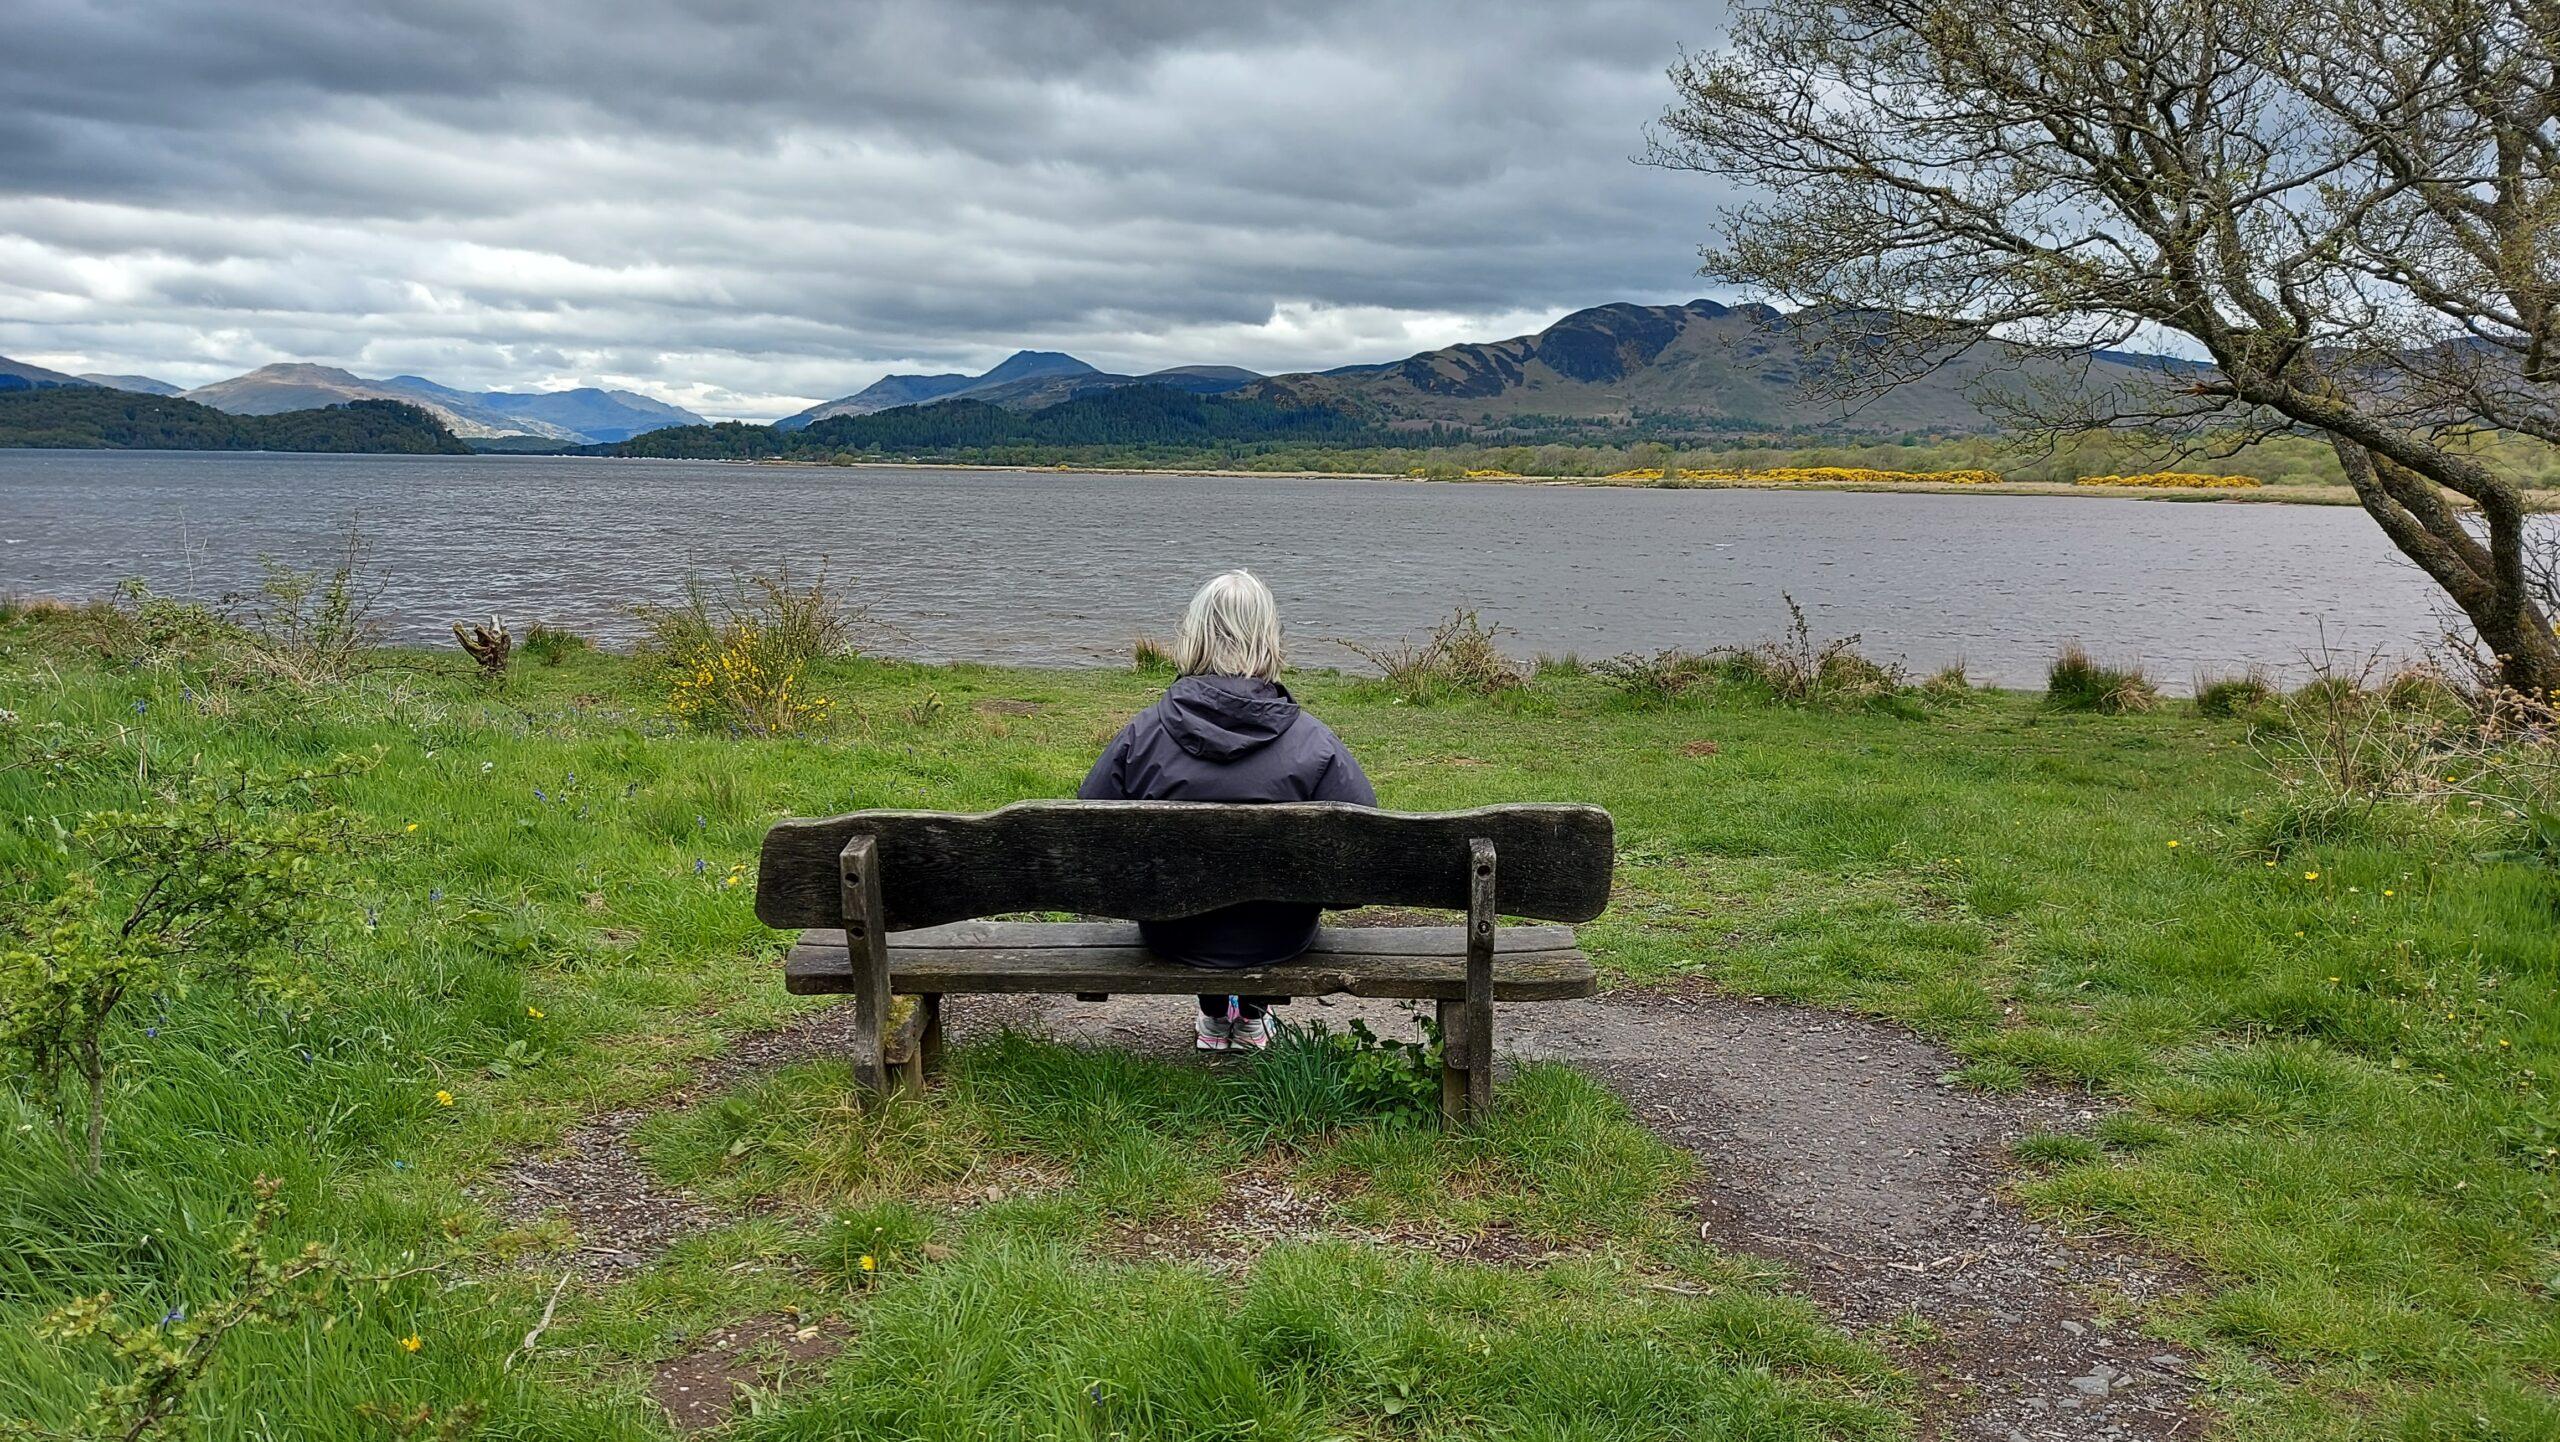 2021 – Lagganbeg Caravan Park – Stunning views of Loch Lomond